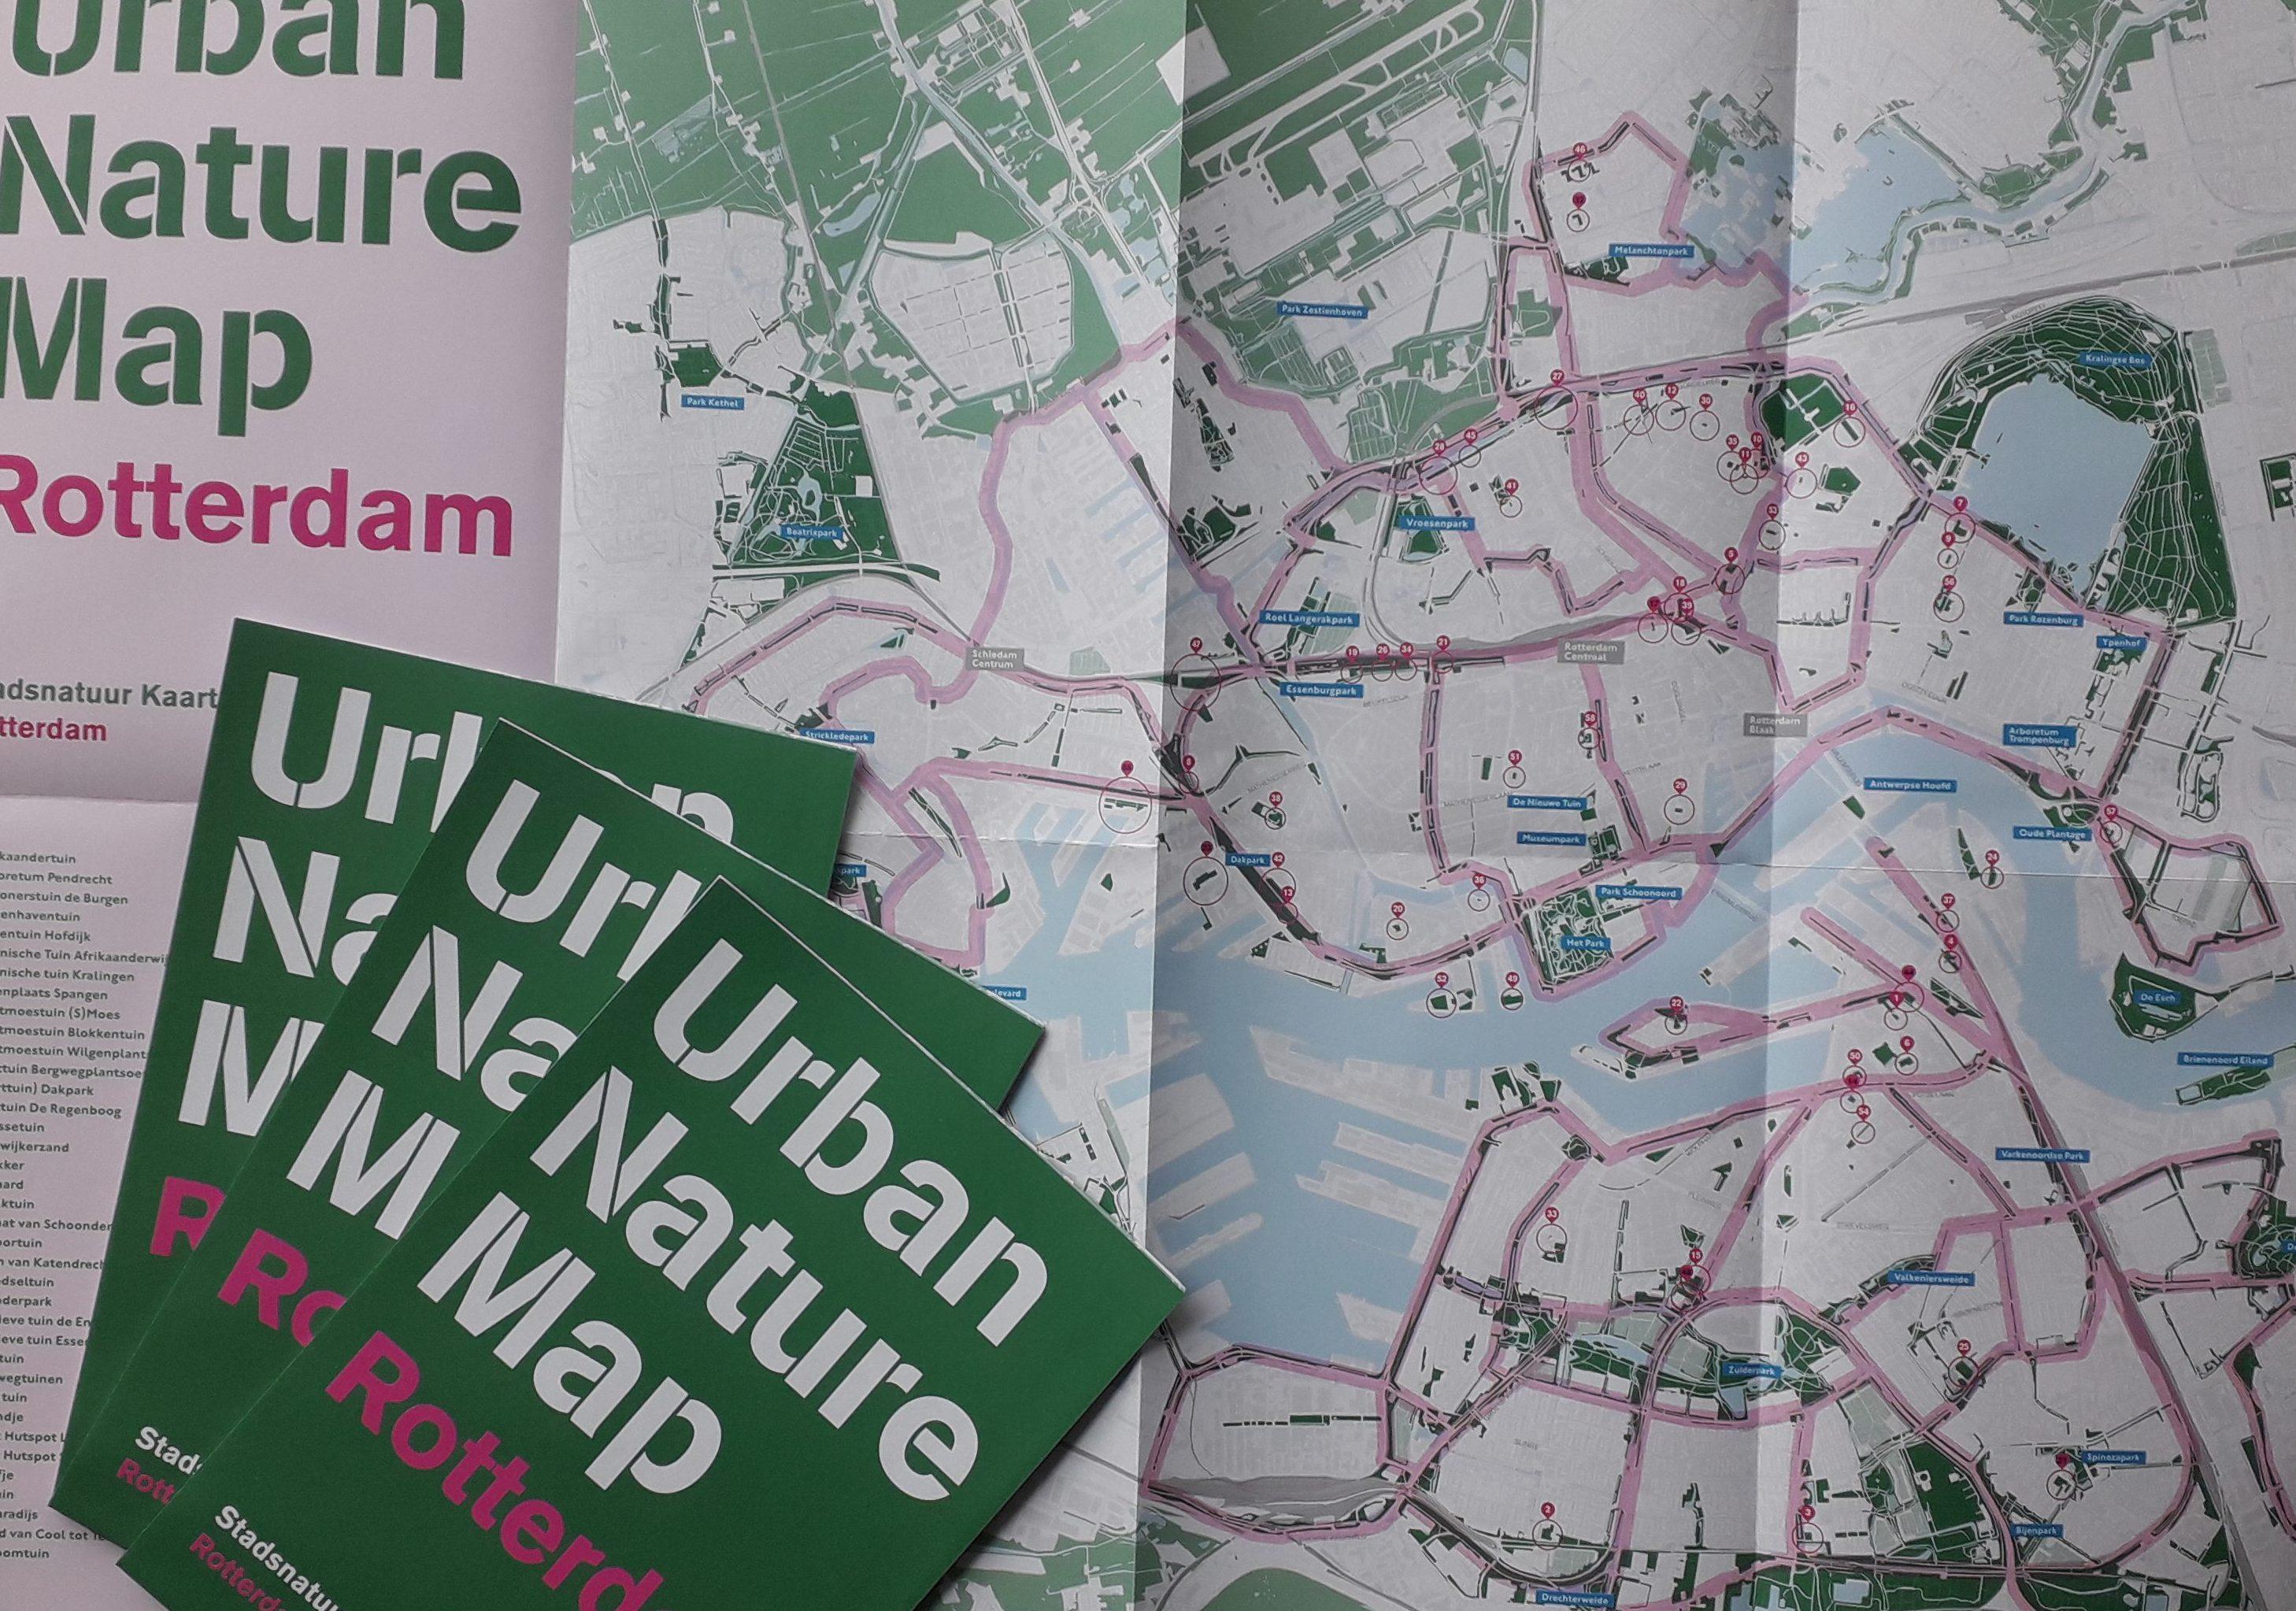 De Stadsnatuurkaart van Rotterdam